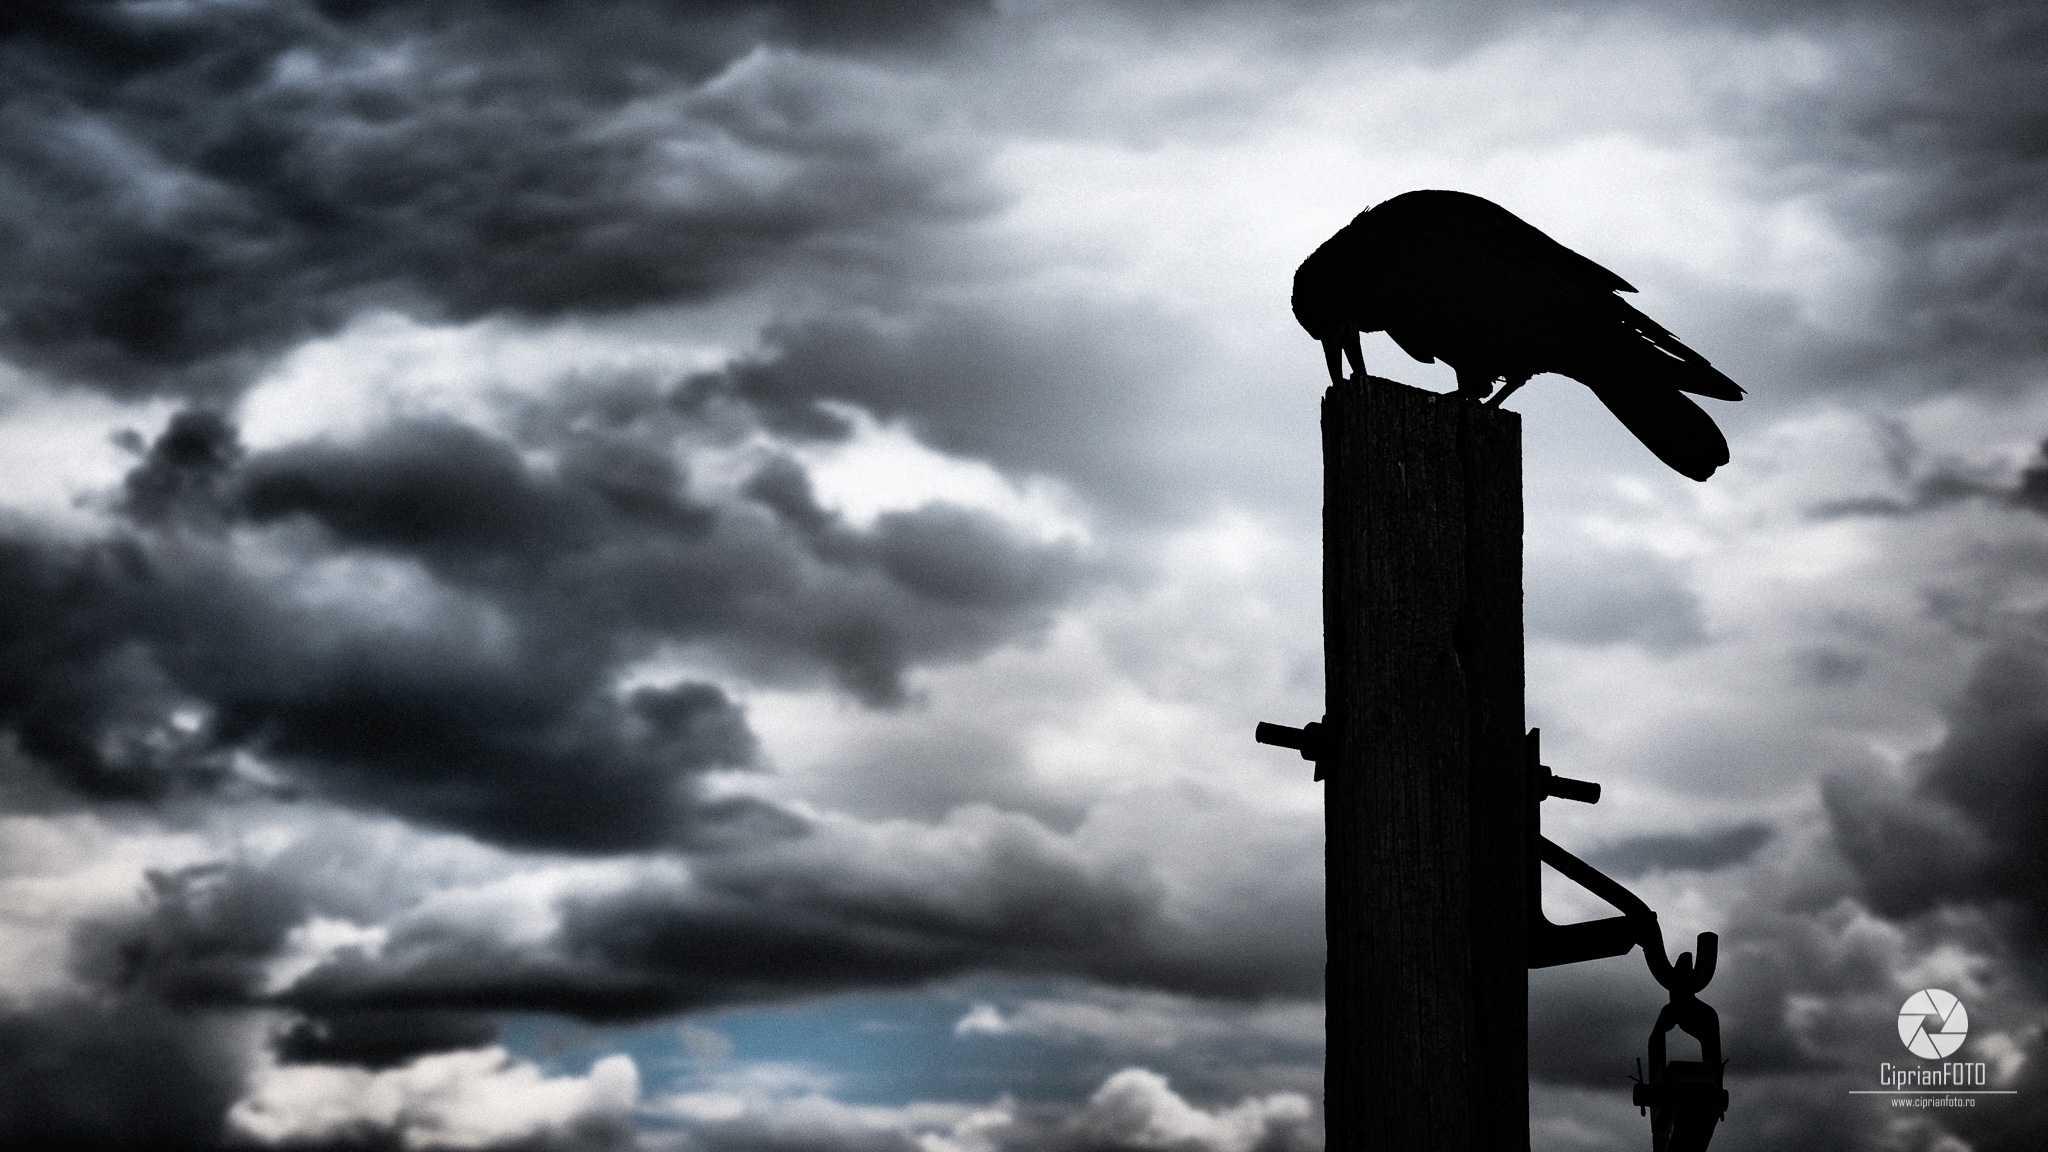 The Raven, Photoshop Manipulation Tutorial, CiprianFOTO